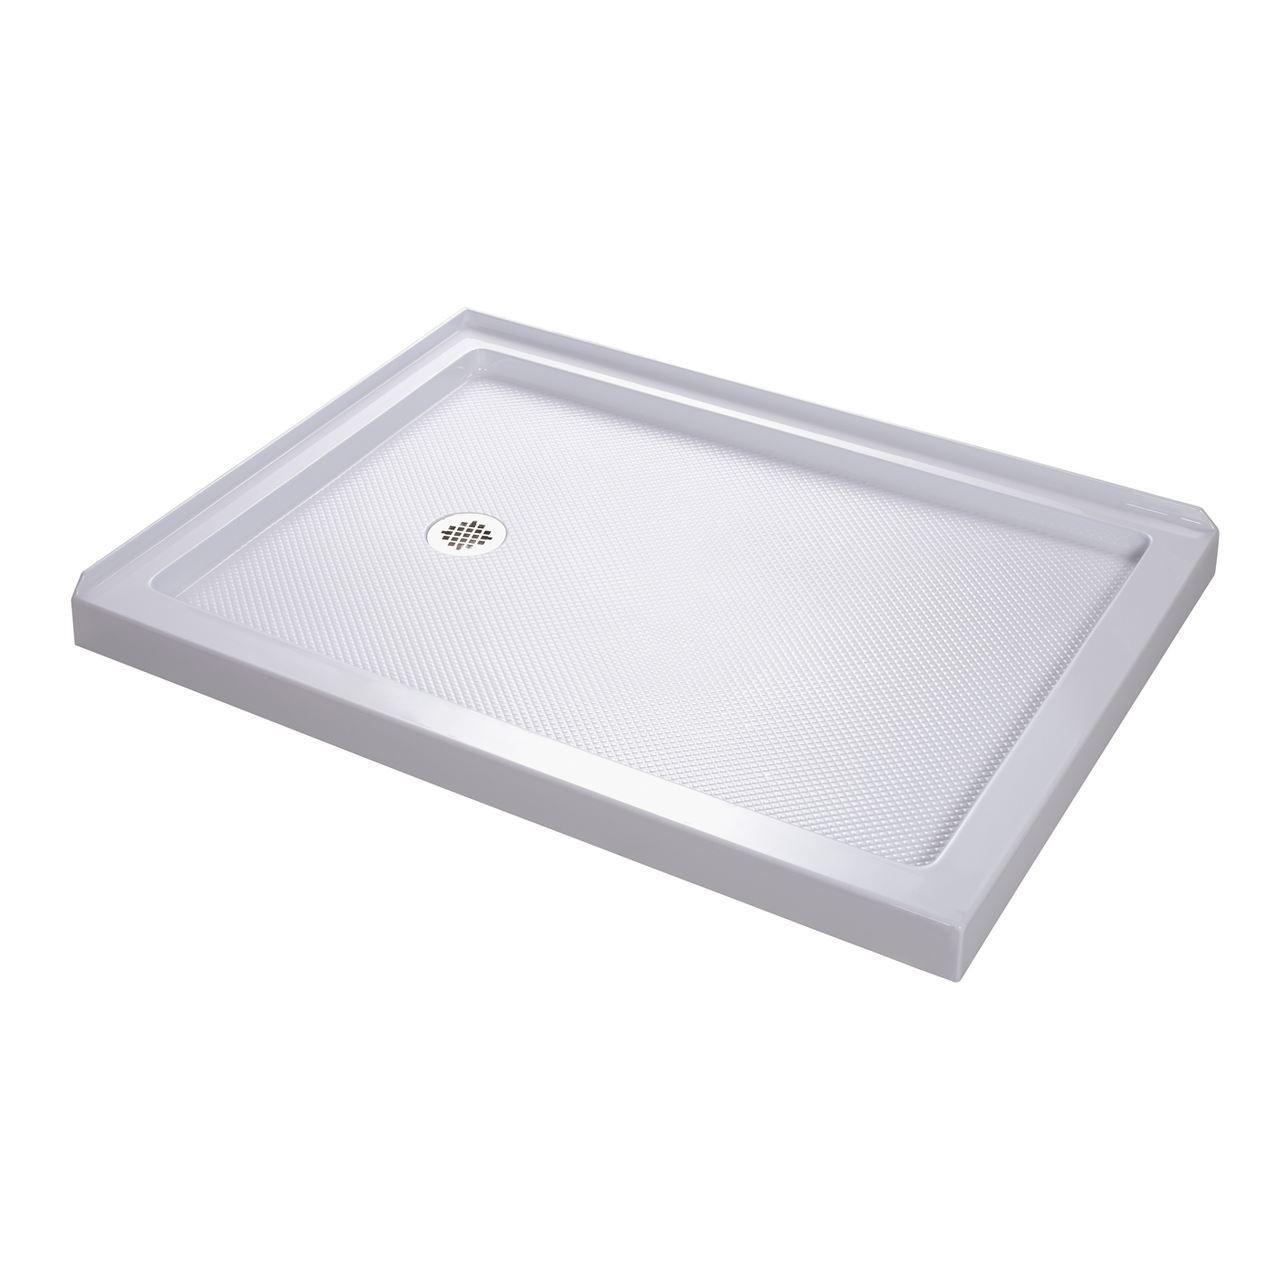 36 x 60 Shower Base | Affordable Tub to Shower Base